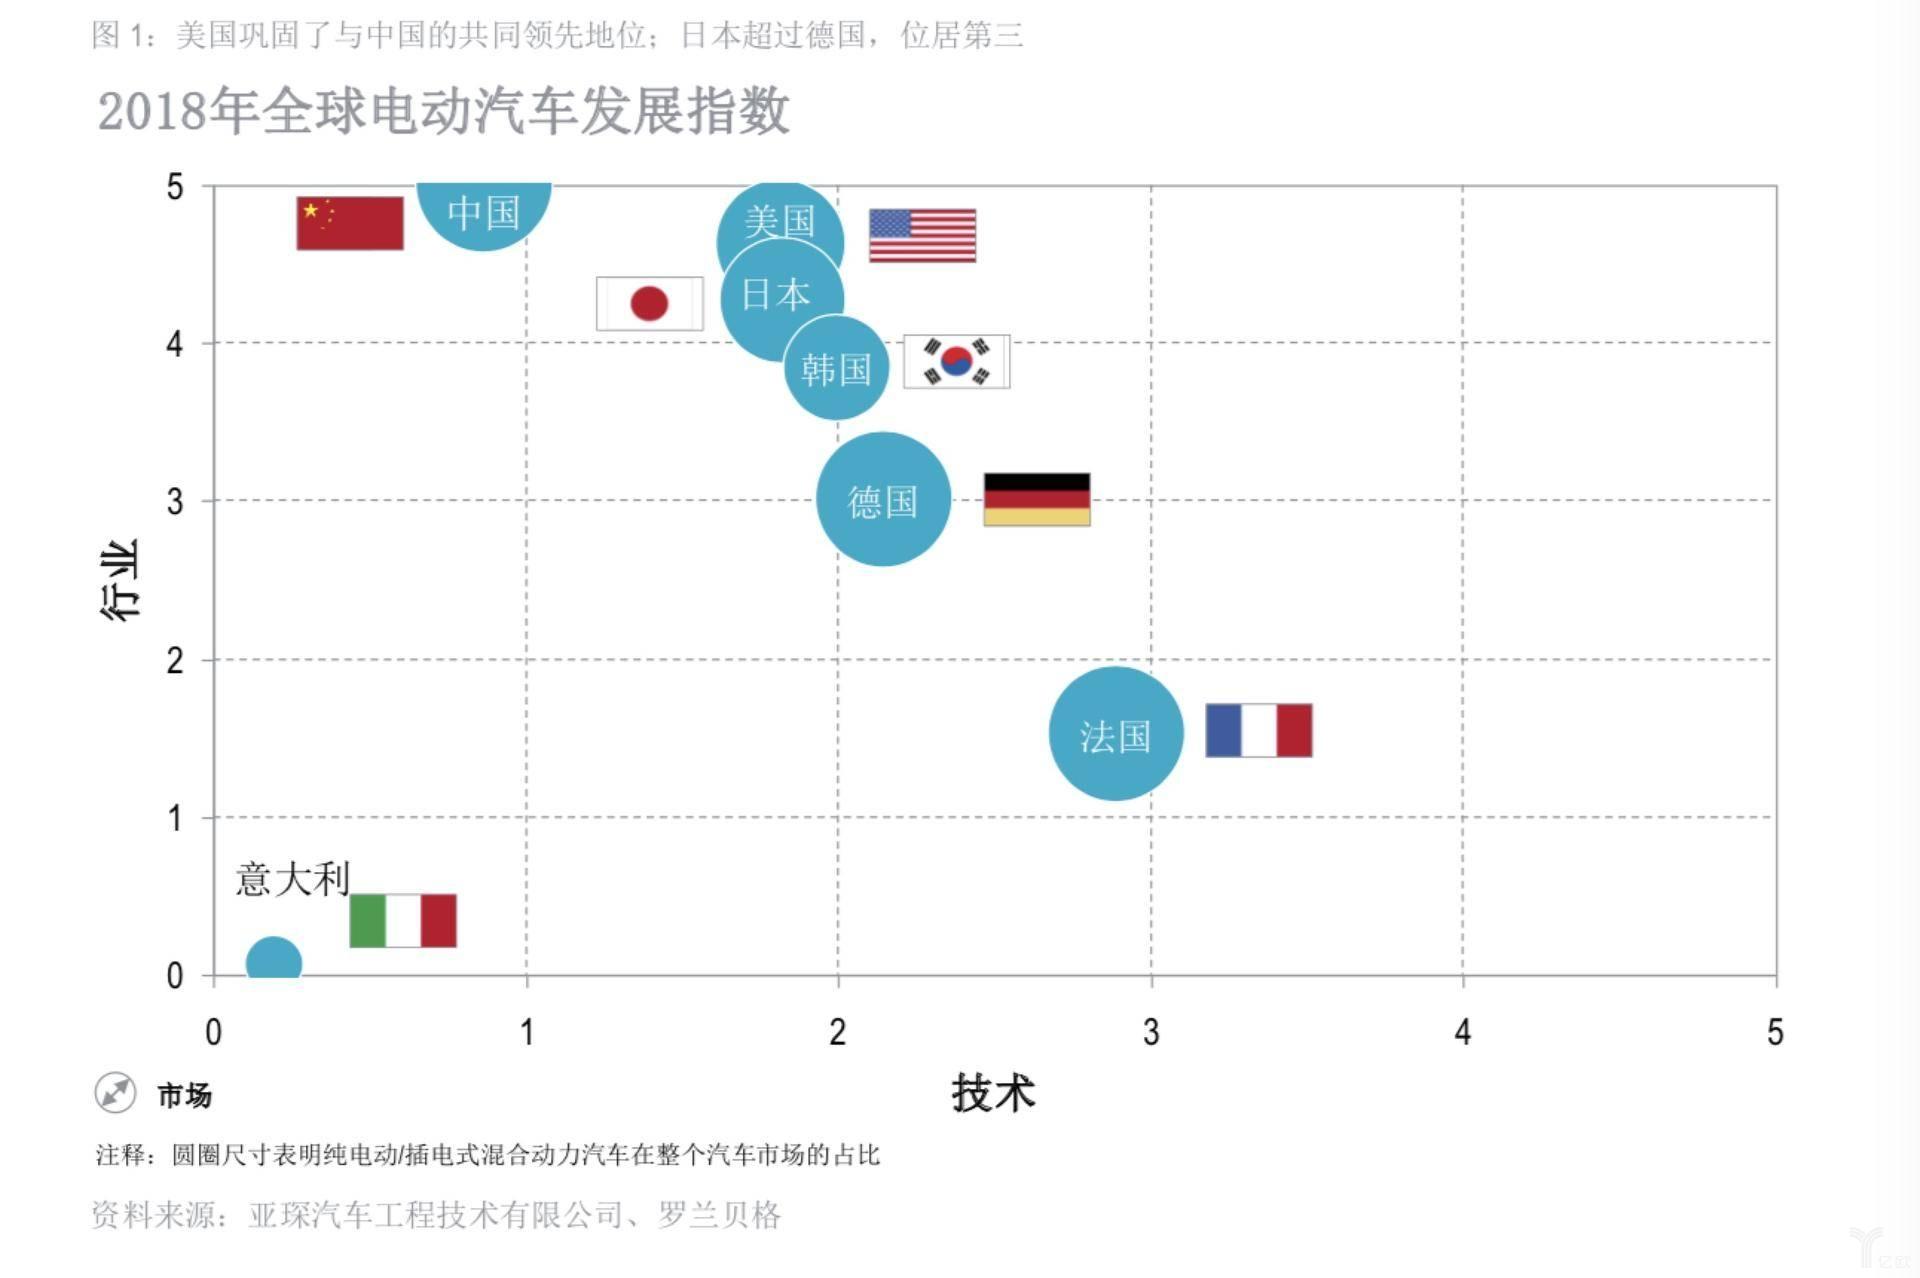 2018全球电动汽车发展指数